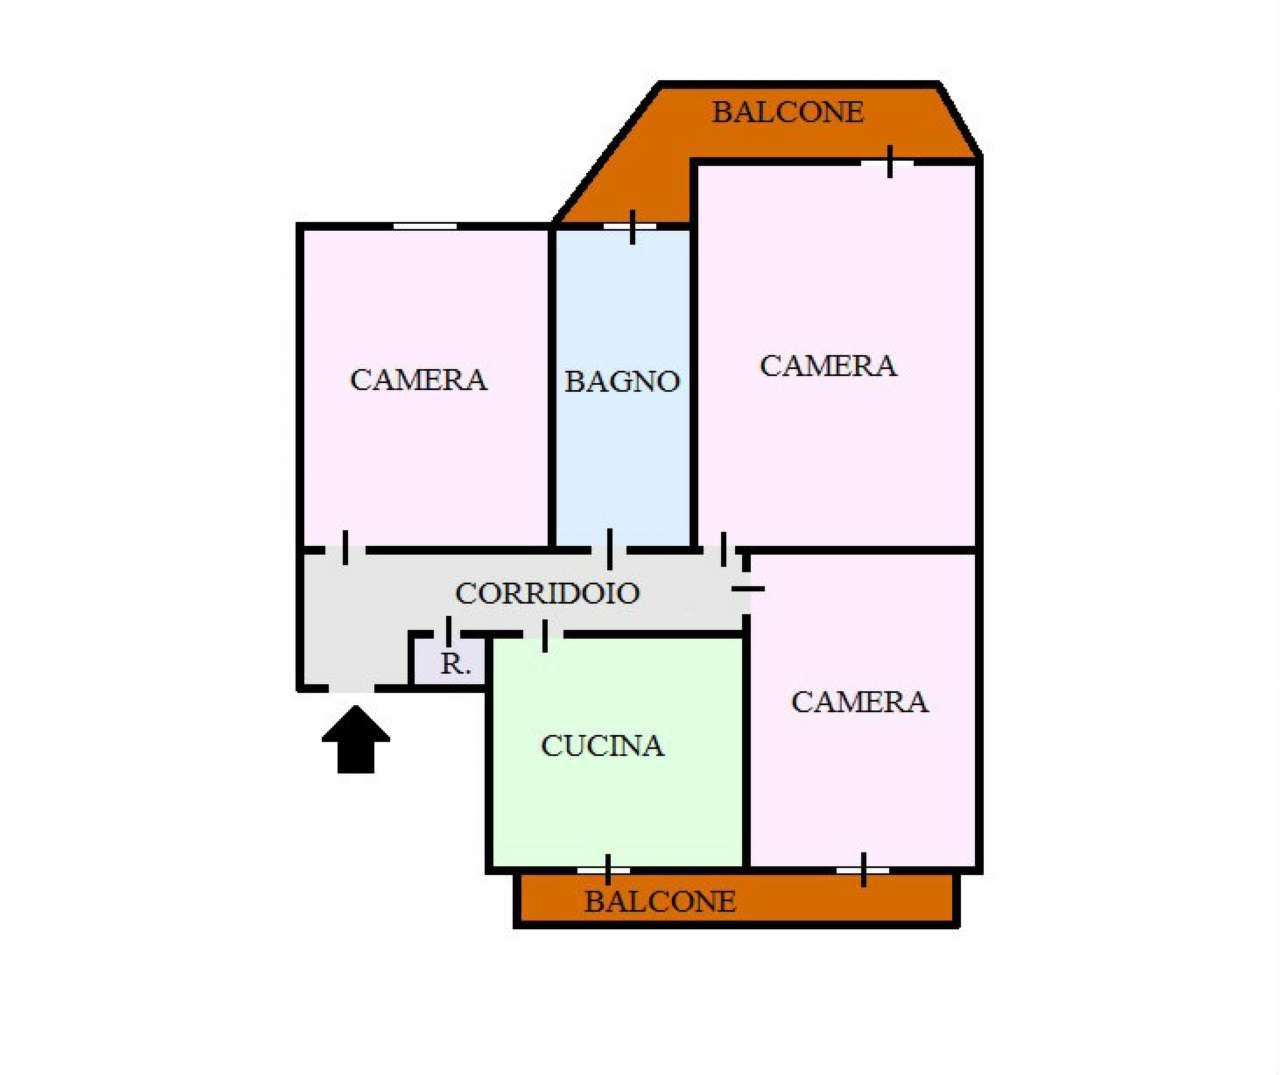 Appartamento in vendita a Cercola, 3 locali, prezzo € 130.000 | CambioCasa.it